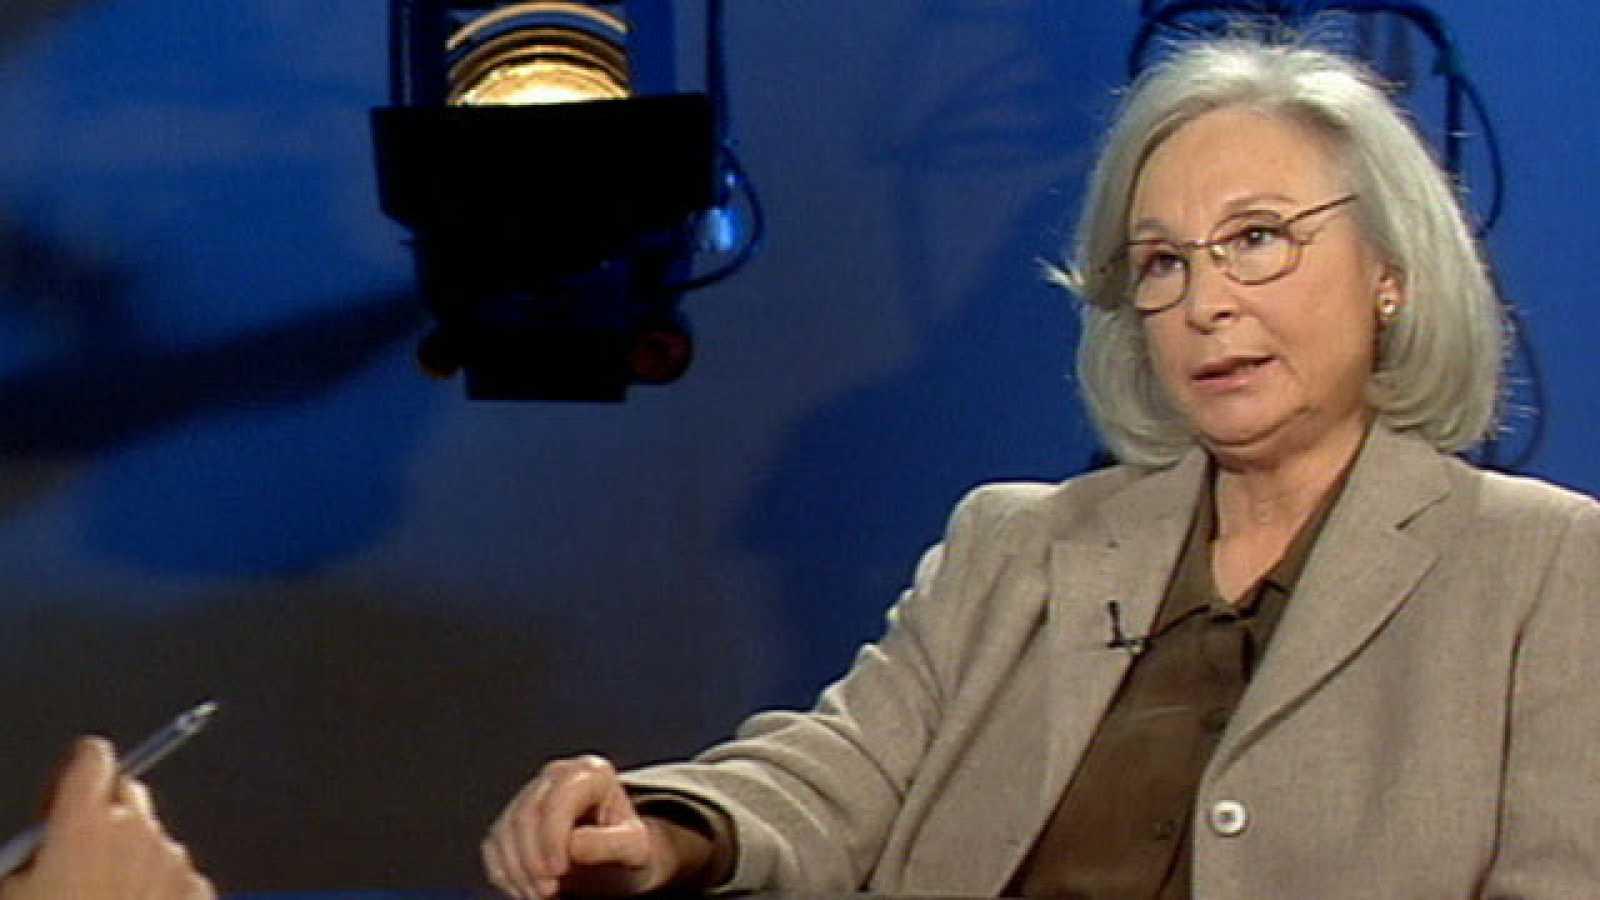 Josefina Molina recibirá el Goya de Honor de la próxima edición de los Premios de la Academia de Cine